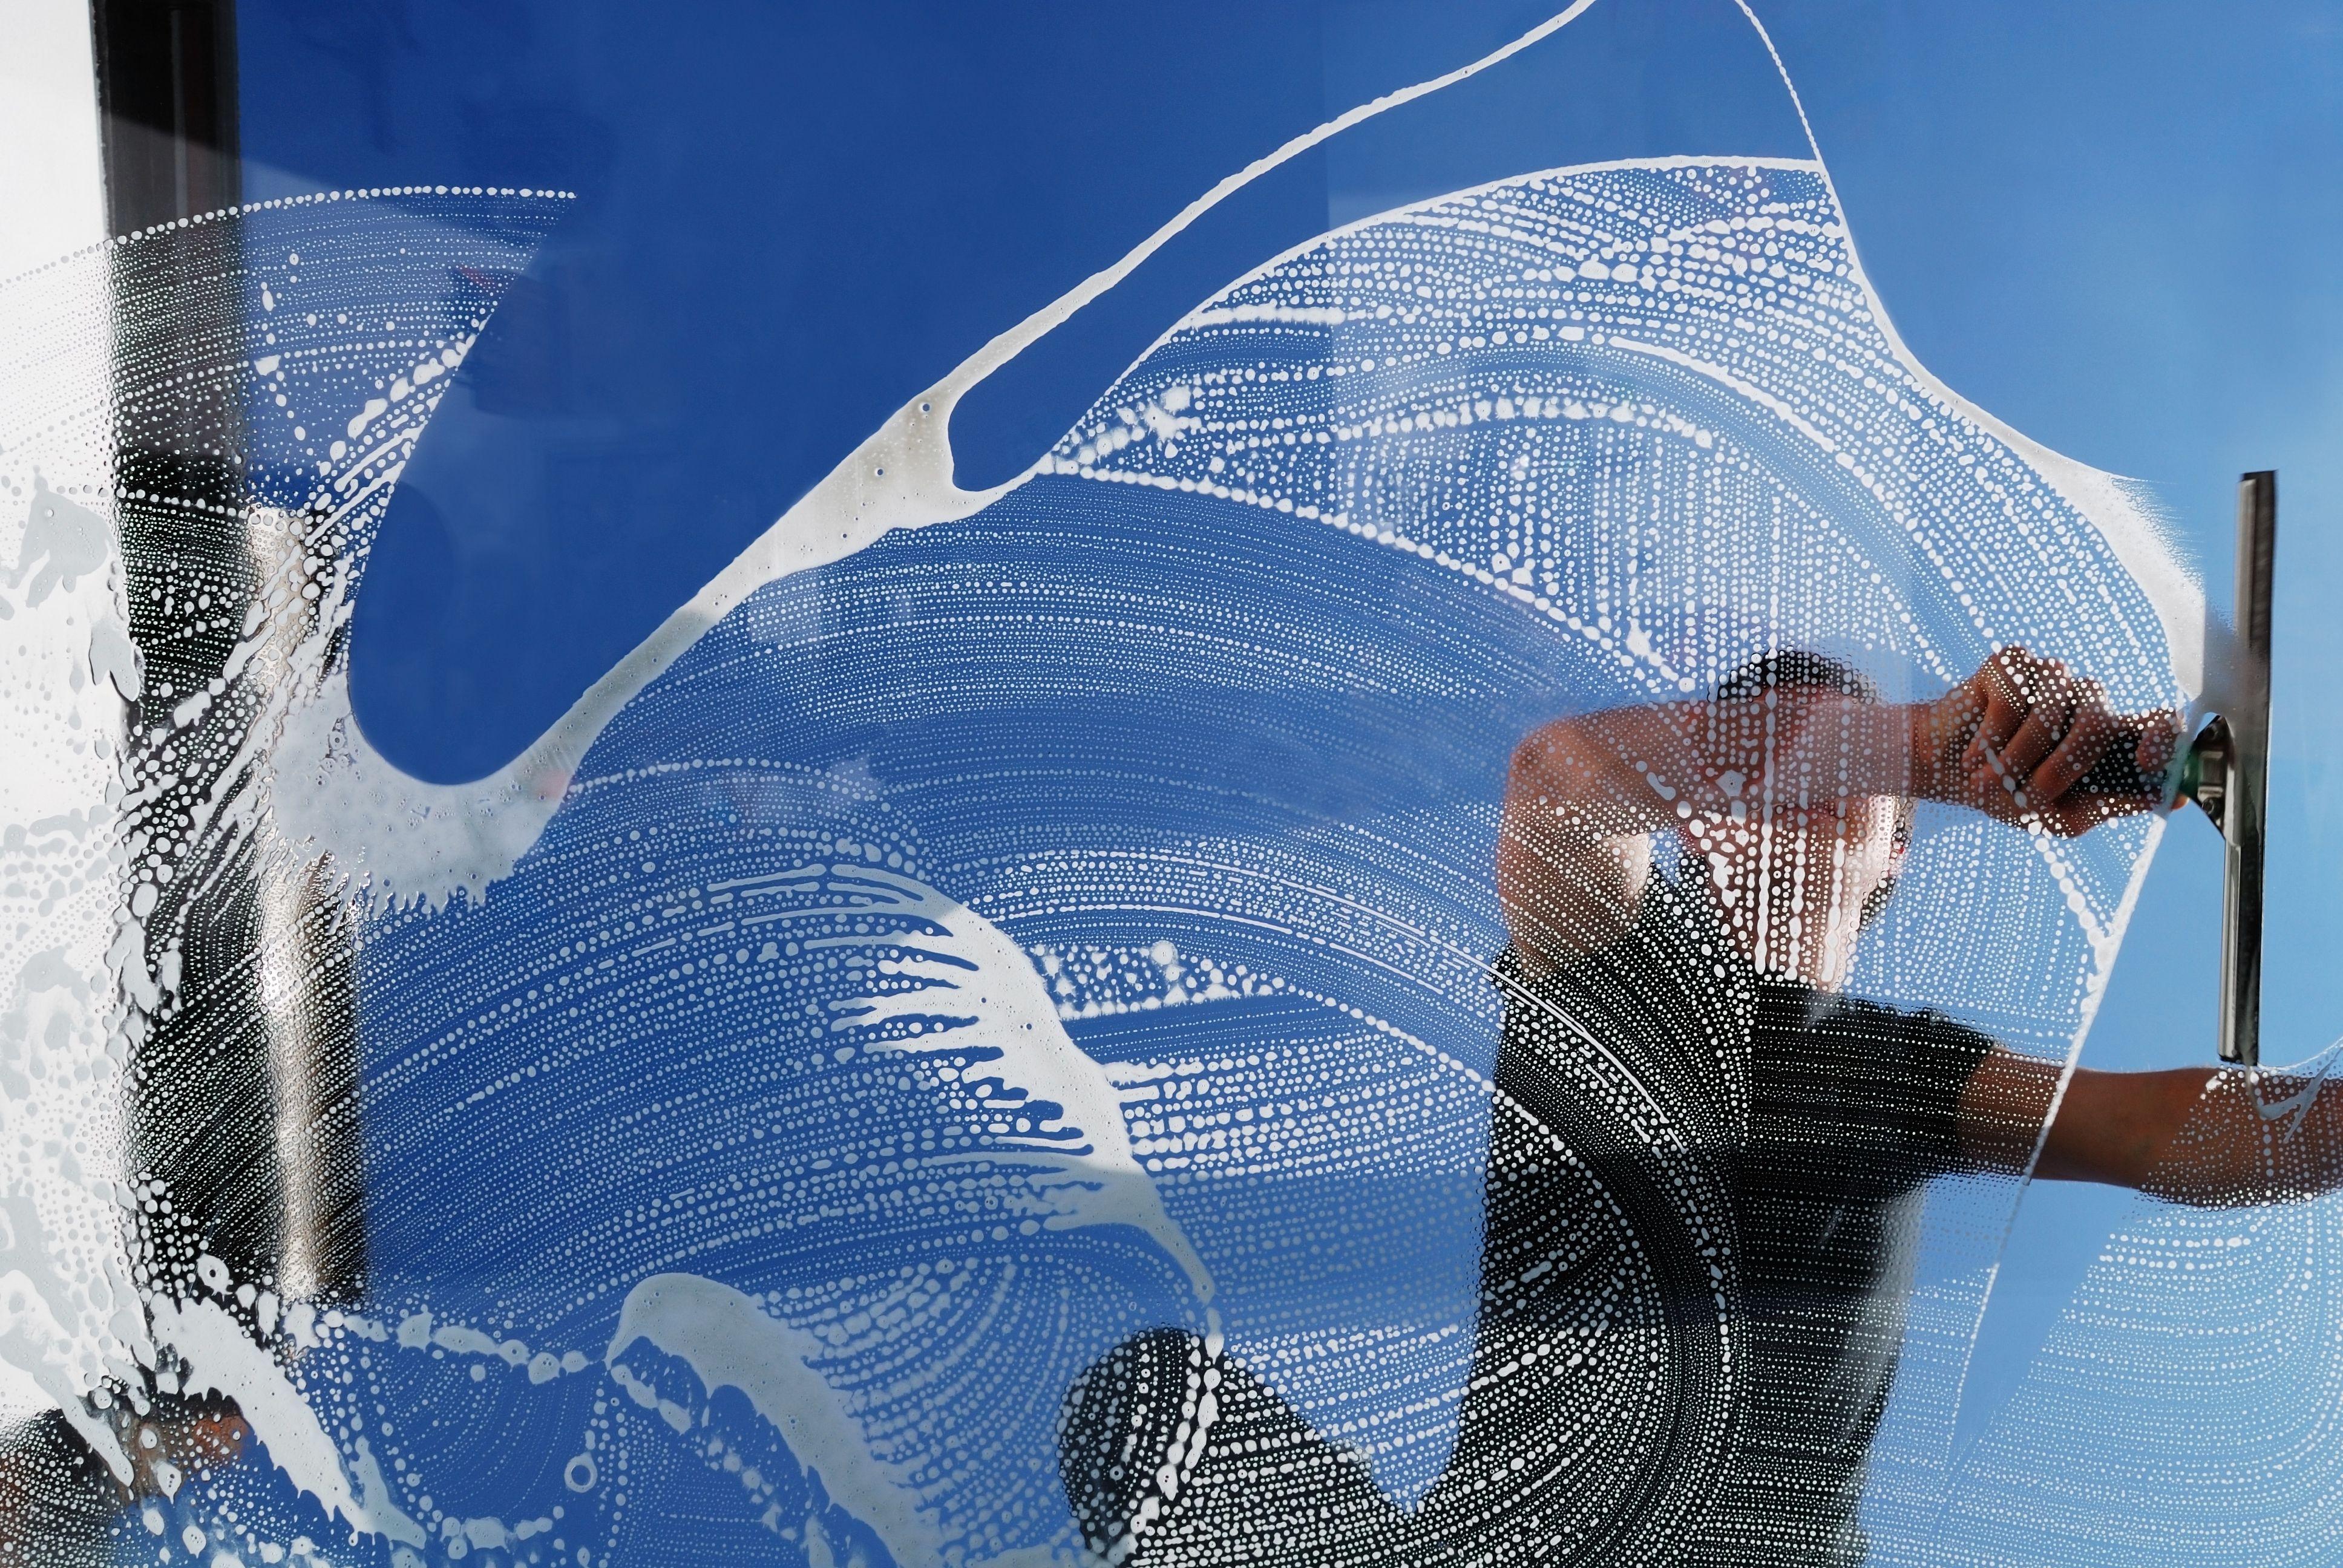 Limpieza de cristales: Nuestros servicios de Limpiezas Uninet